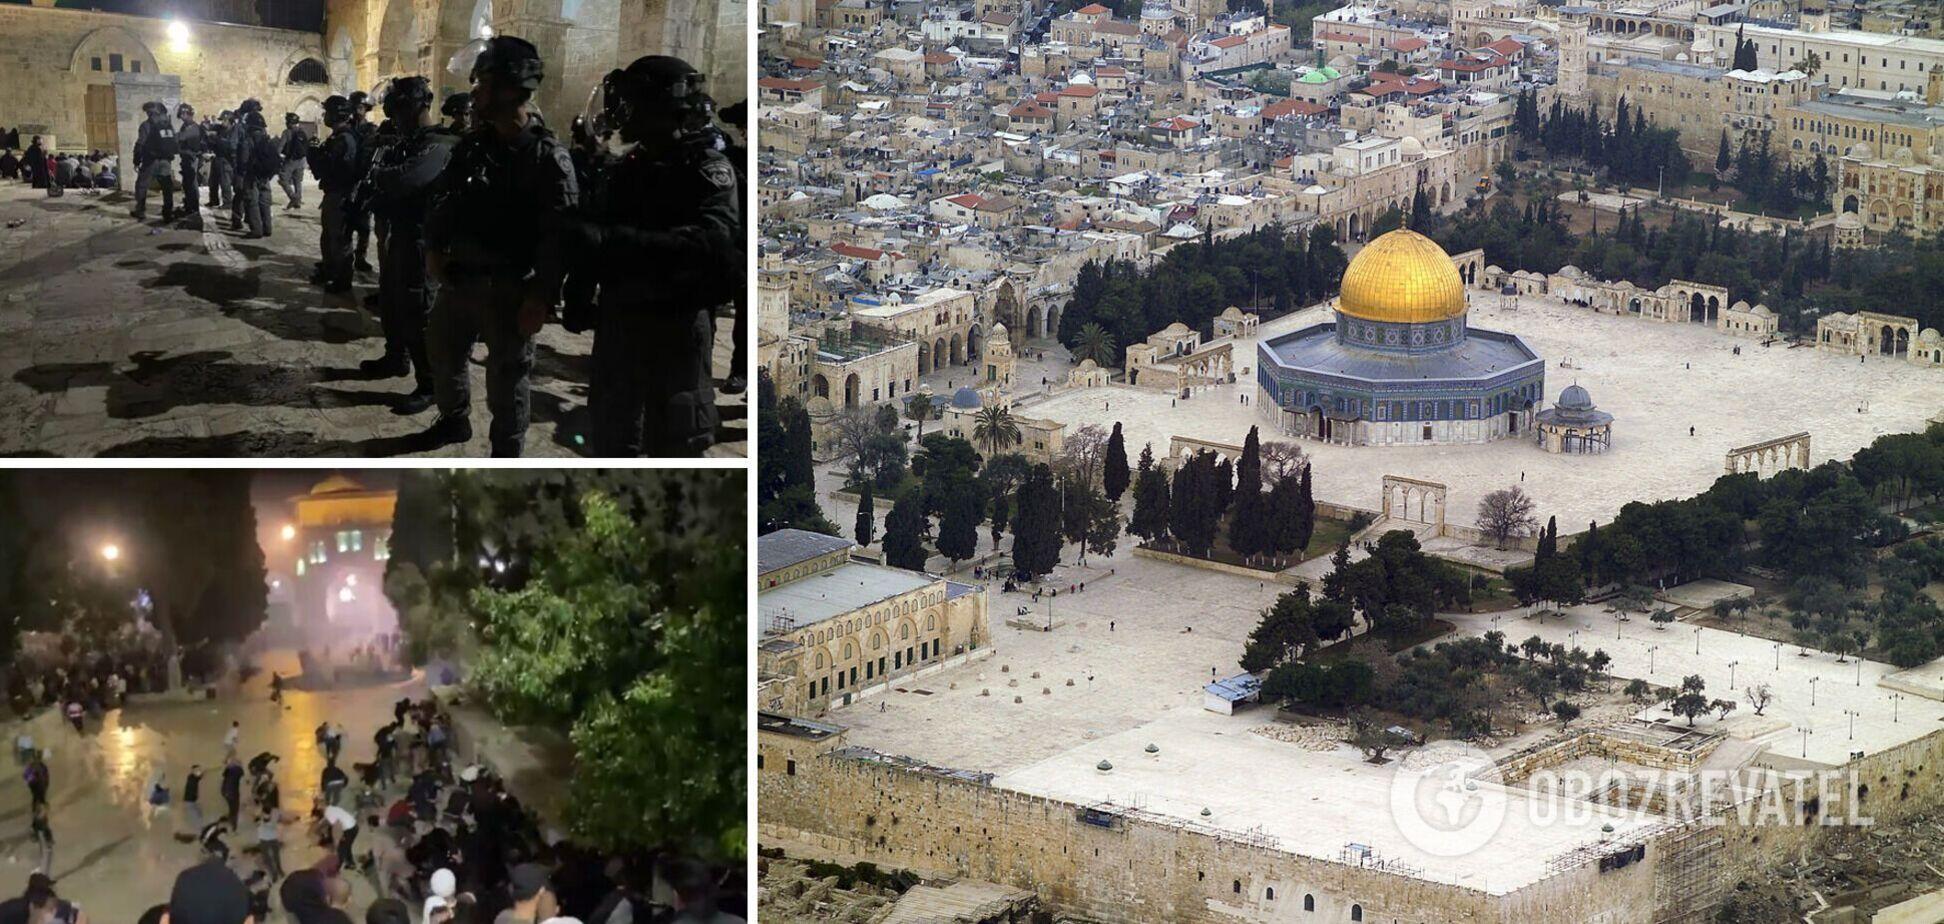 В Ізраїлі сталися сутички між палестинцями та поліцією: ЗМІ повідомили про дві сотні потерпілих. Фото та відео